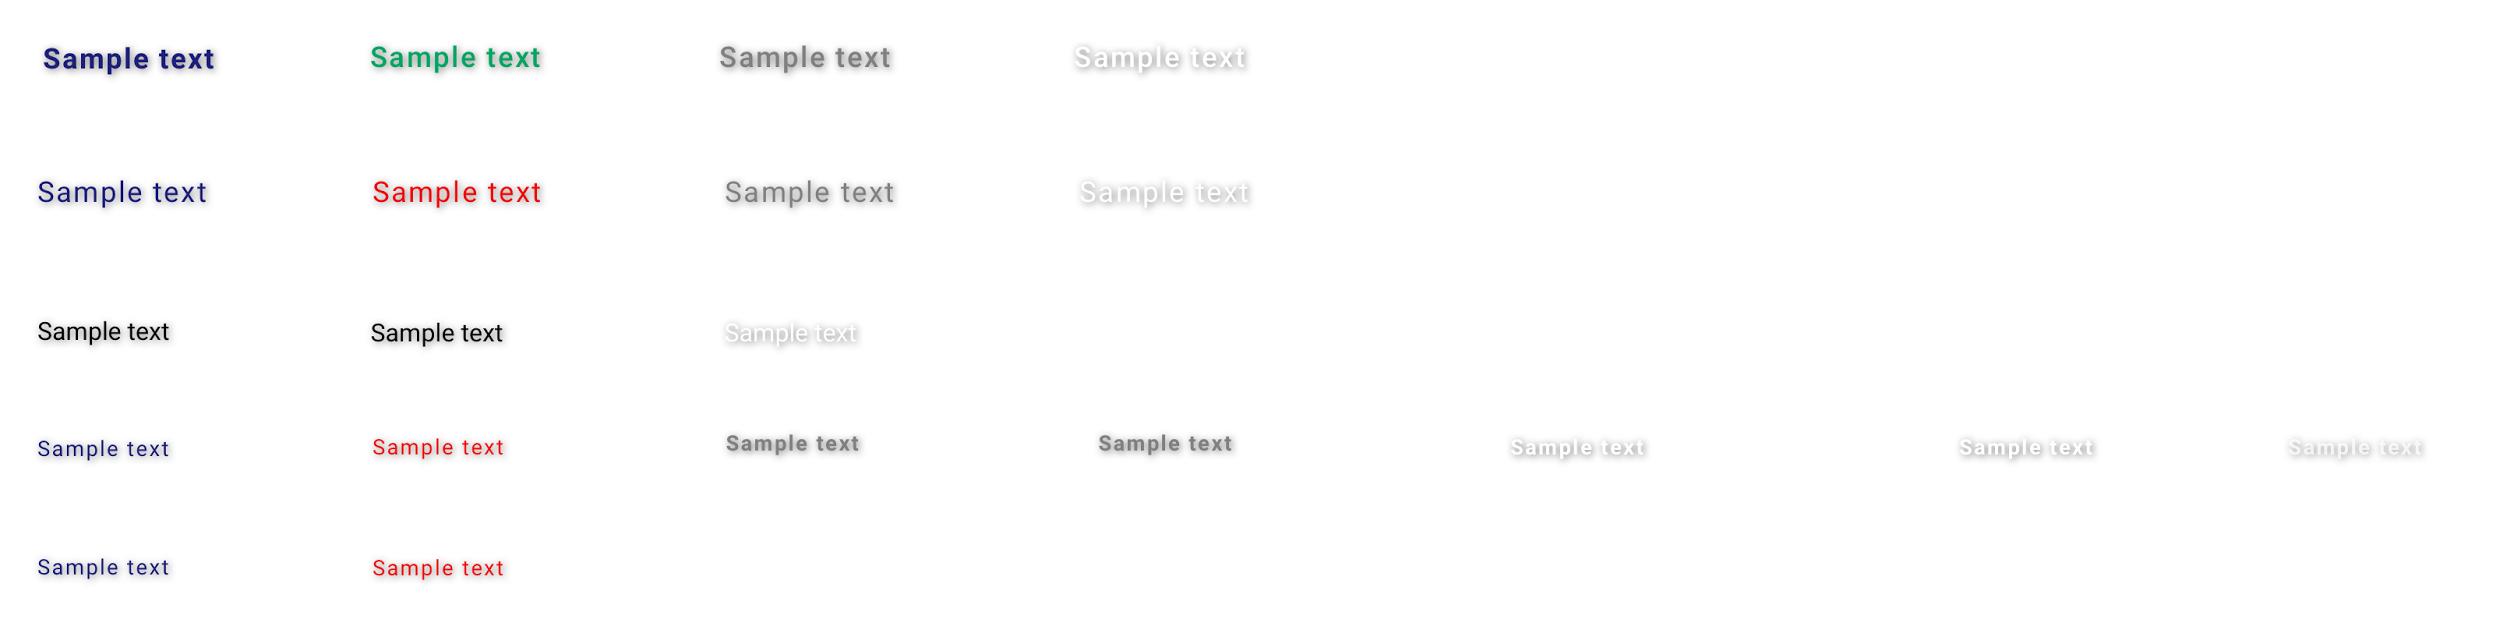 Diferentes variaciones de copia que aparecen en los componentes interactivos